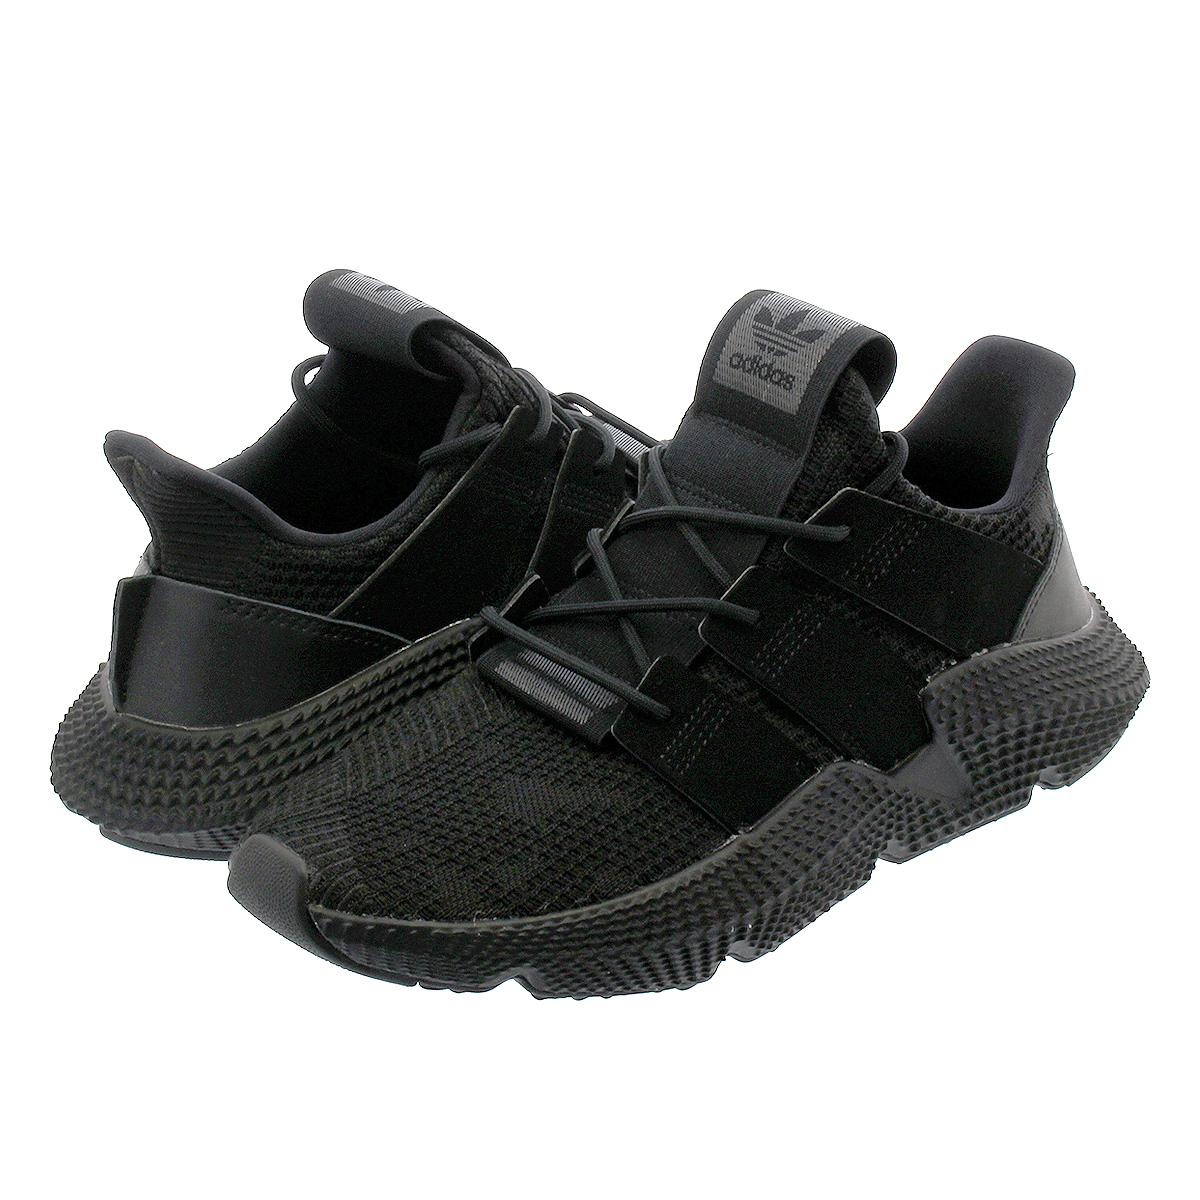 【お買い物マラソンSALE】 adidas PROPHERE アディダス プロフィア CORE BLACK/CORE BLACK/RUNNING WHITE db2706